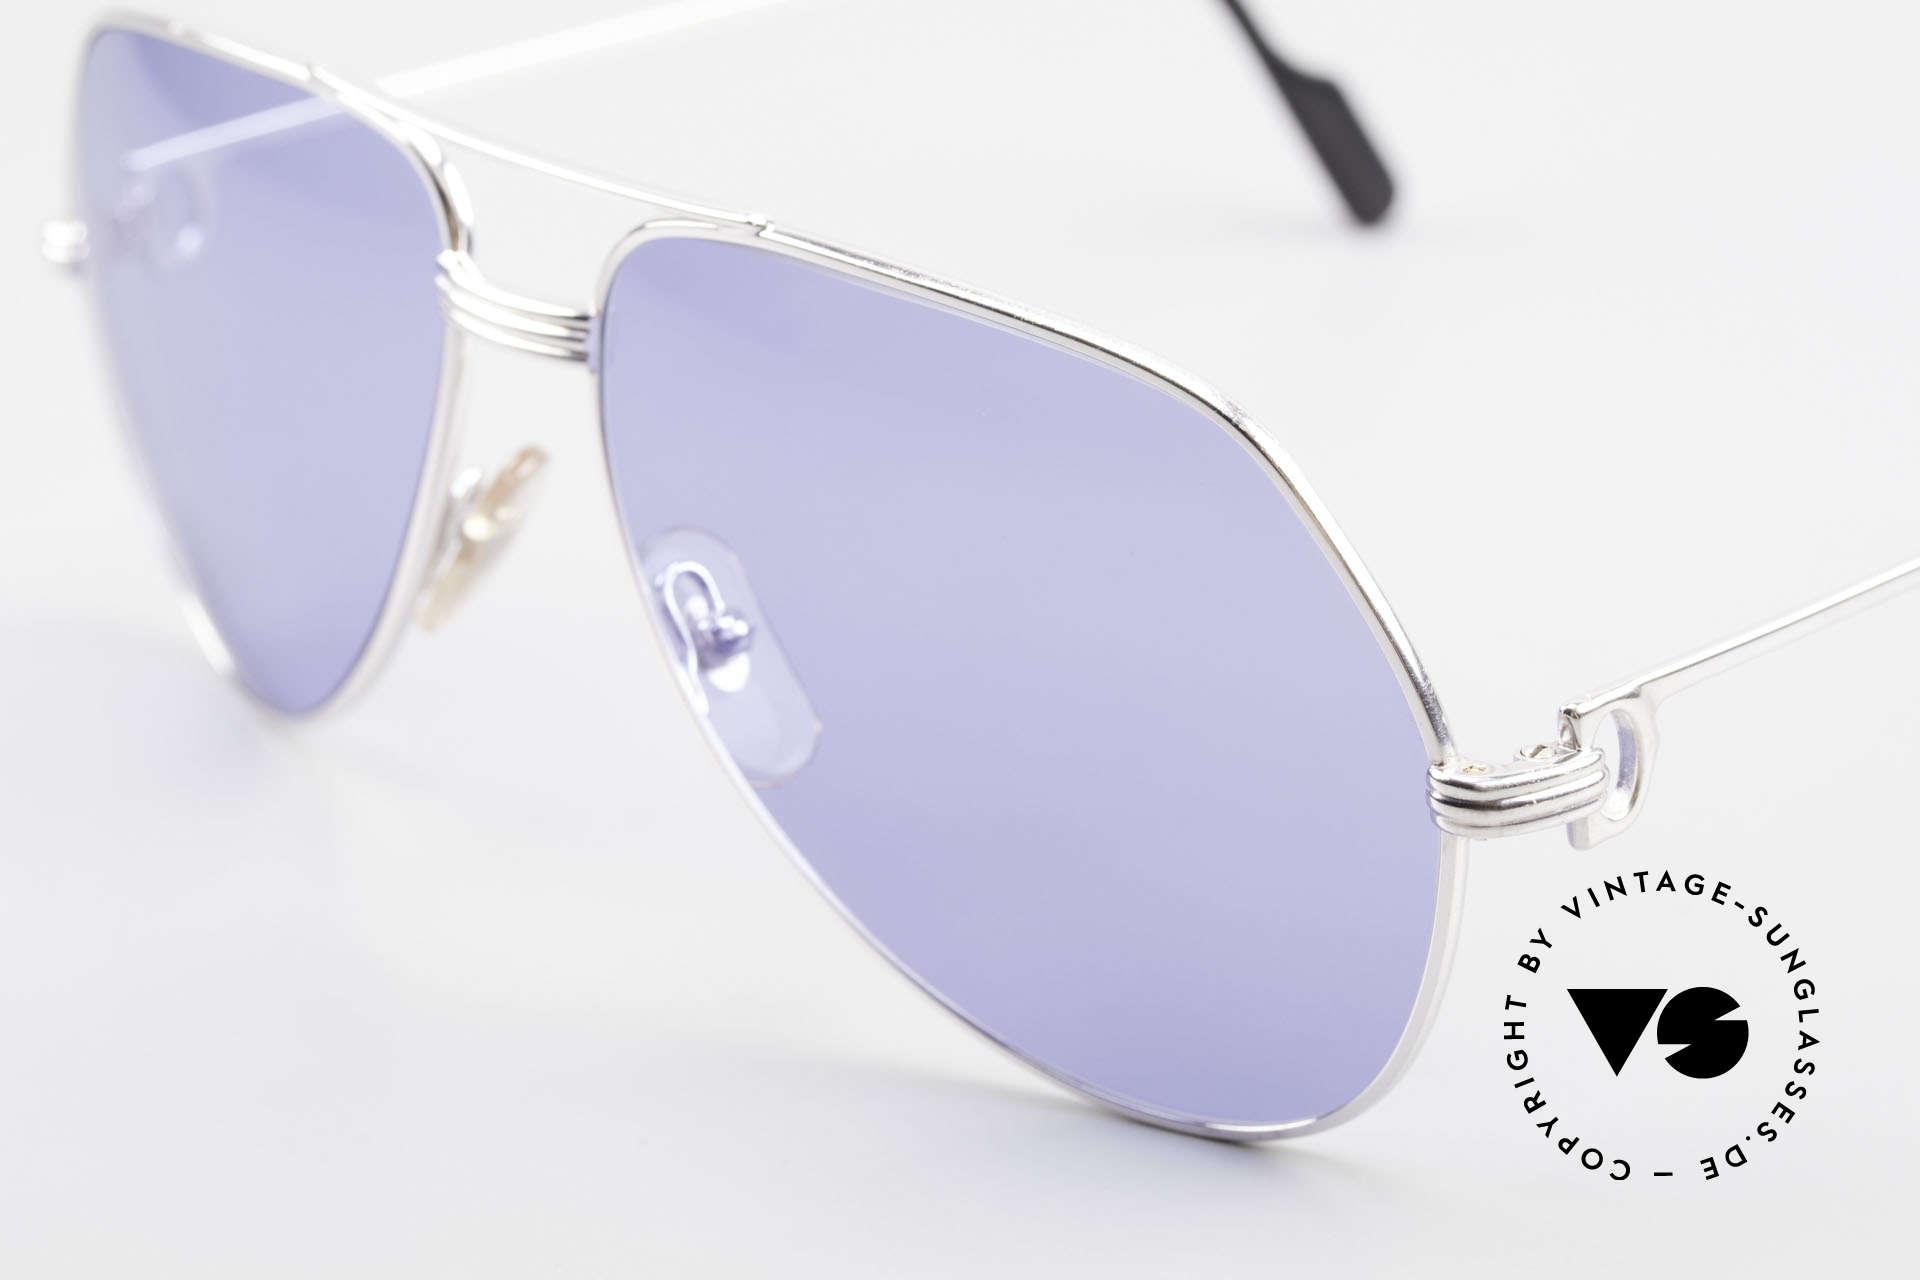 Cartier Vendome LC - L Sonderanfertigung Einzelstück, diese Farb-Variante werden Sie sonst nirgendwo finden!!, Passend für Herren